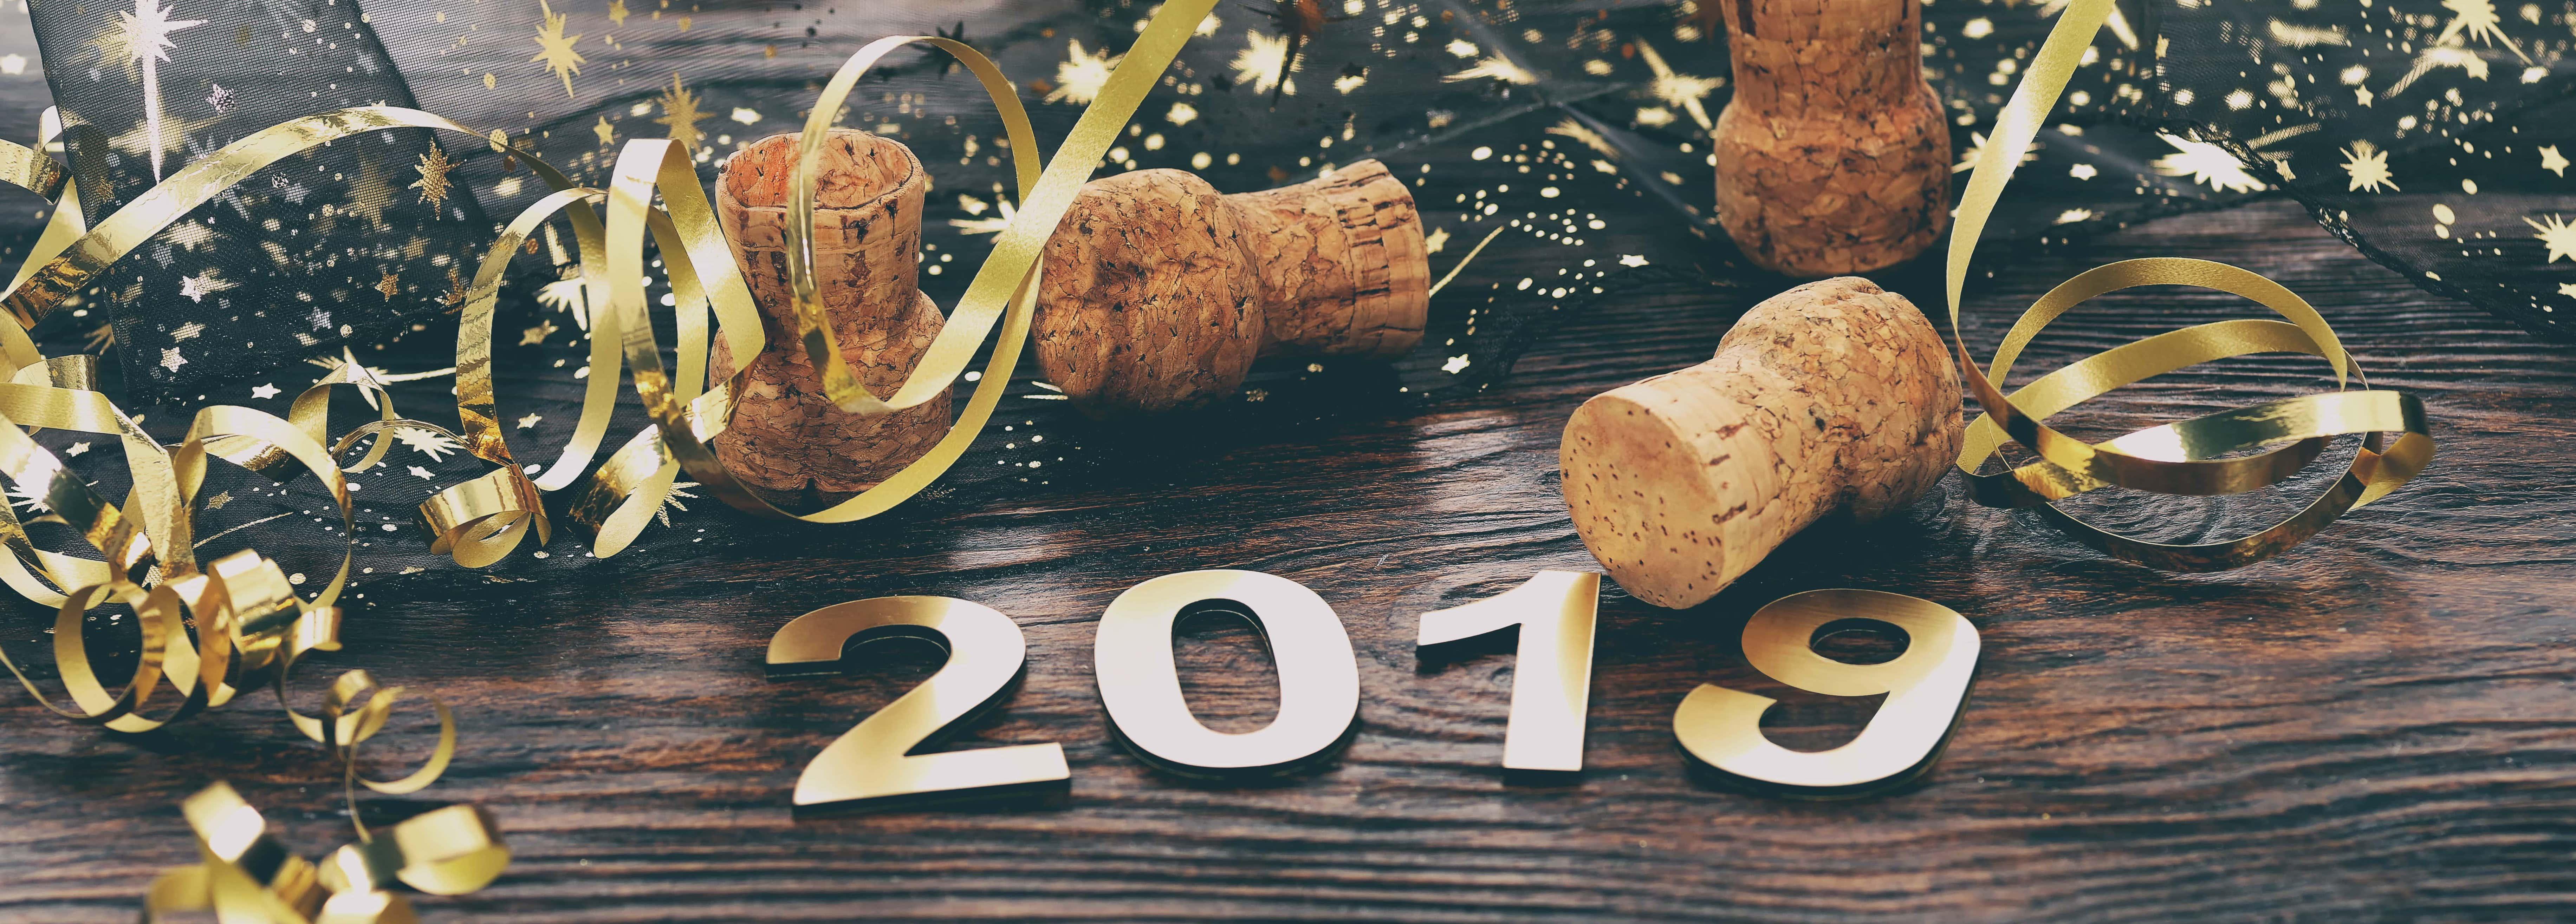 Nieuwjaar in de belgische Ardennen vieren